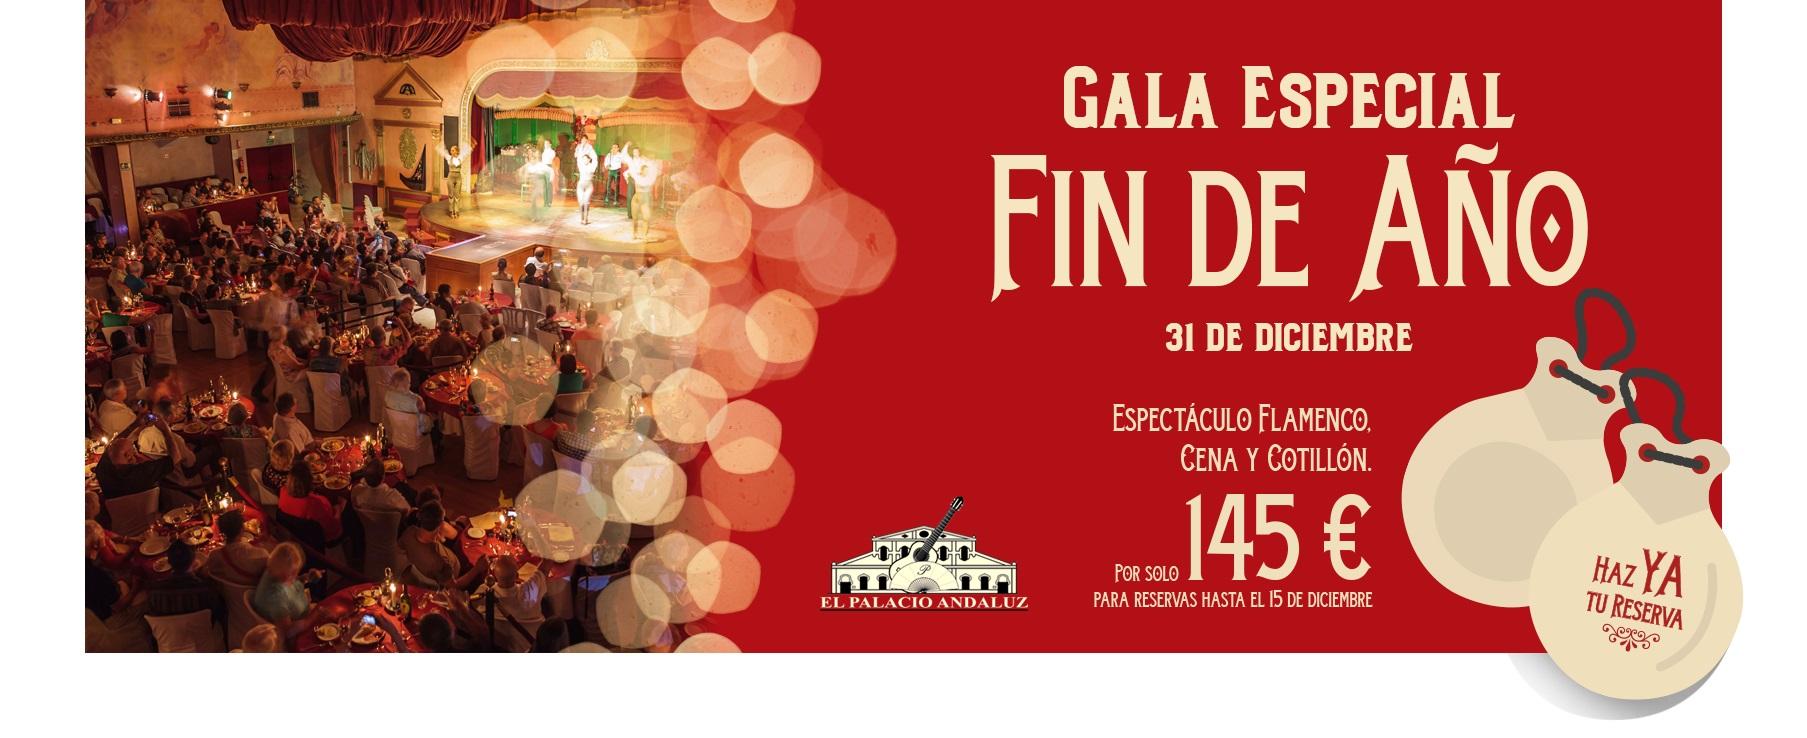 Gala Especial Nochevieja en Sevilla